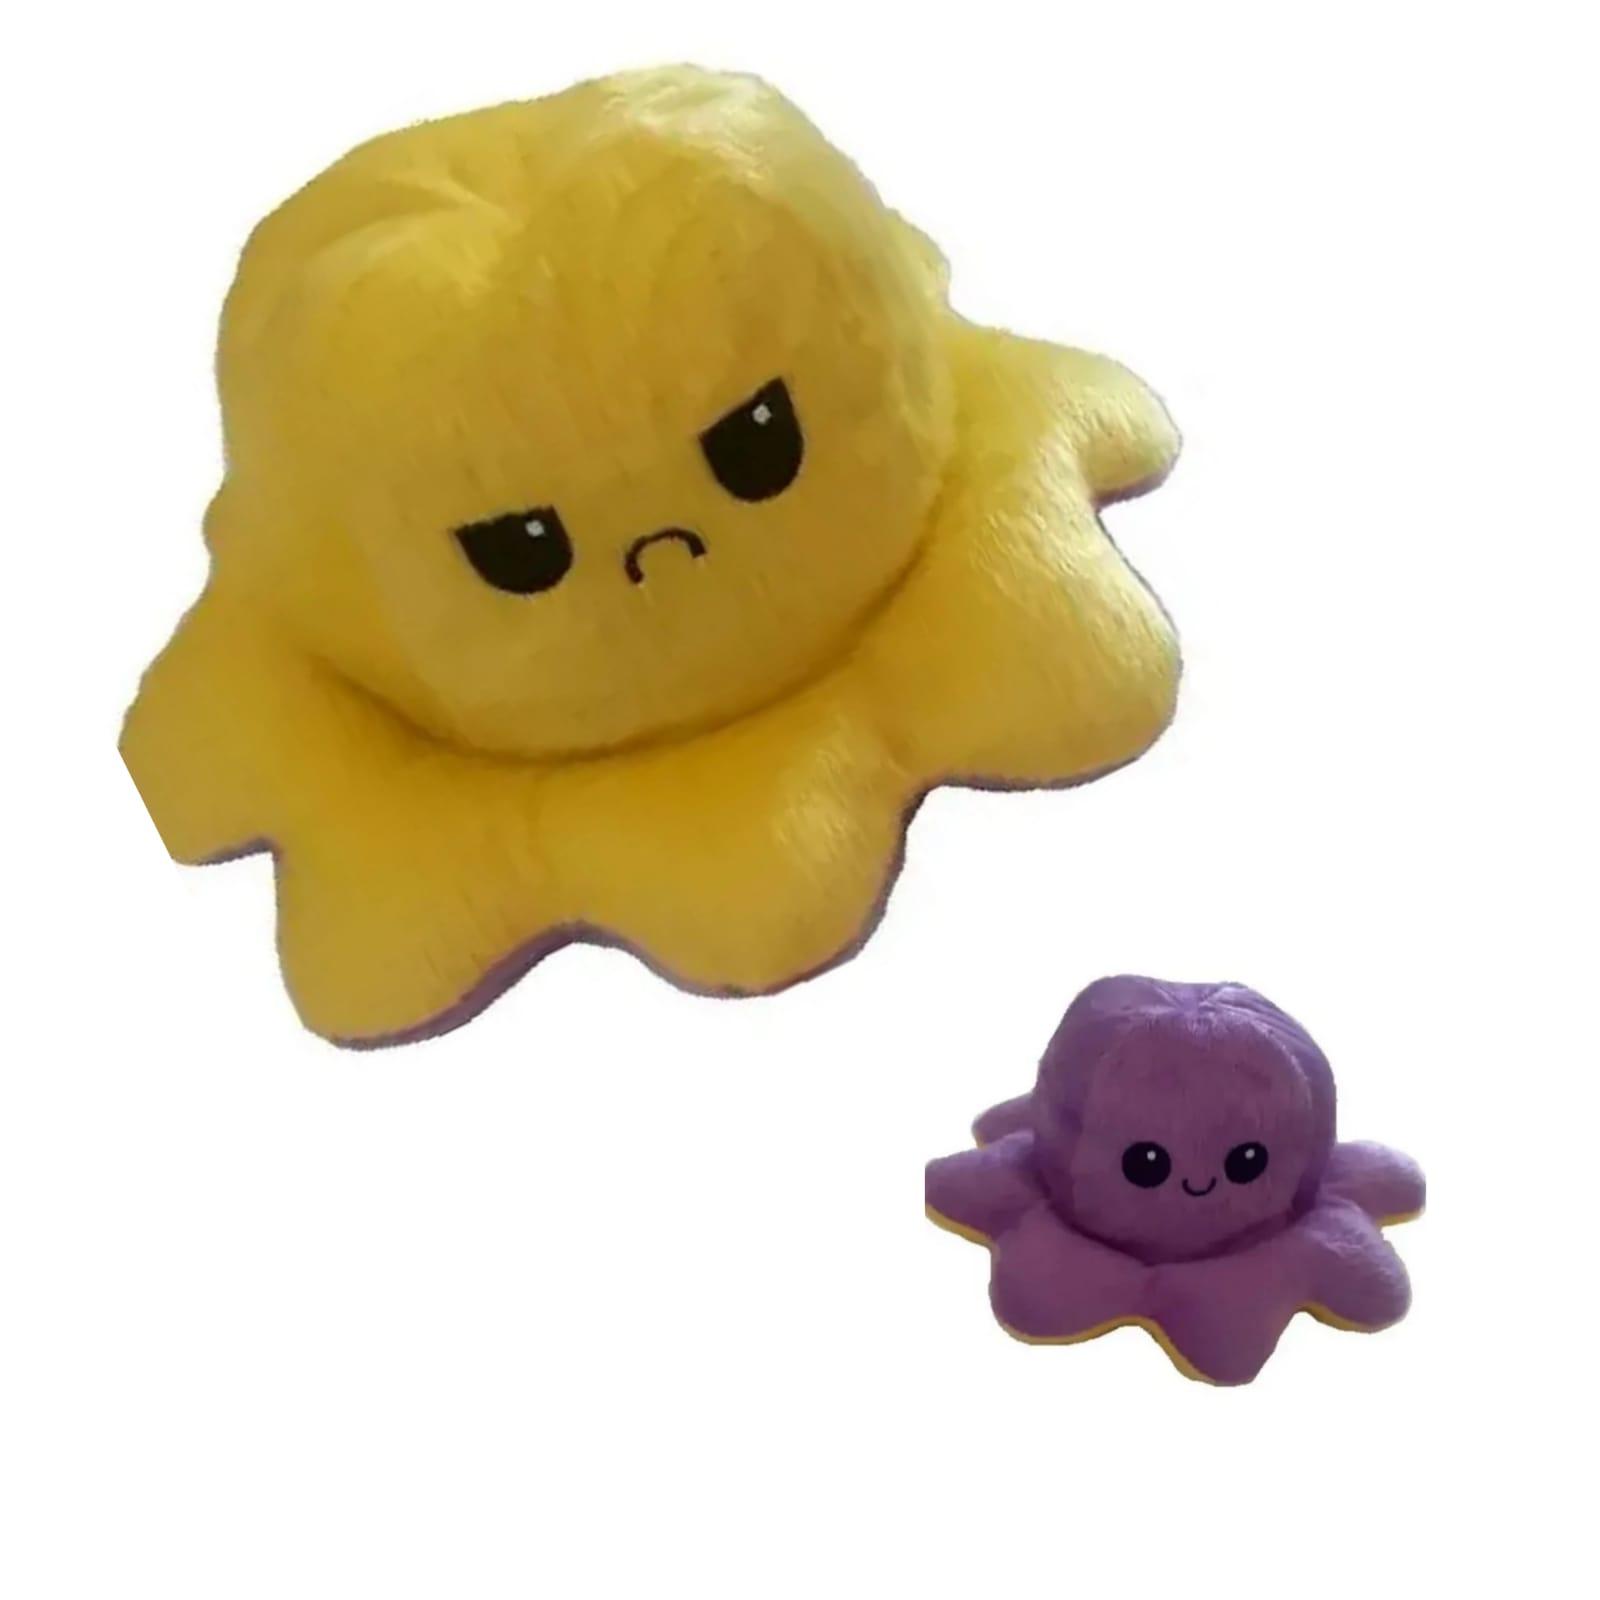 Polvo do Humor pequeno Amarelo e Roxo Mega fofo